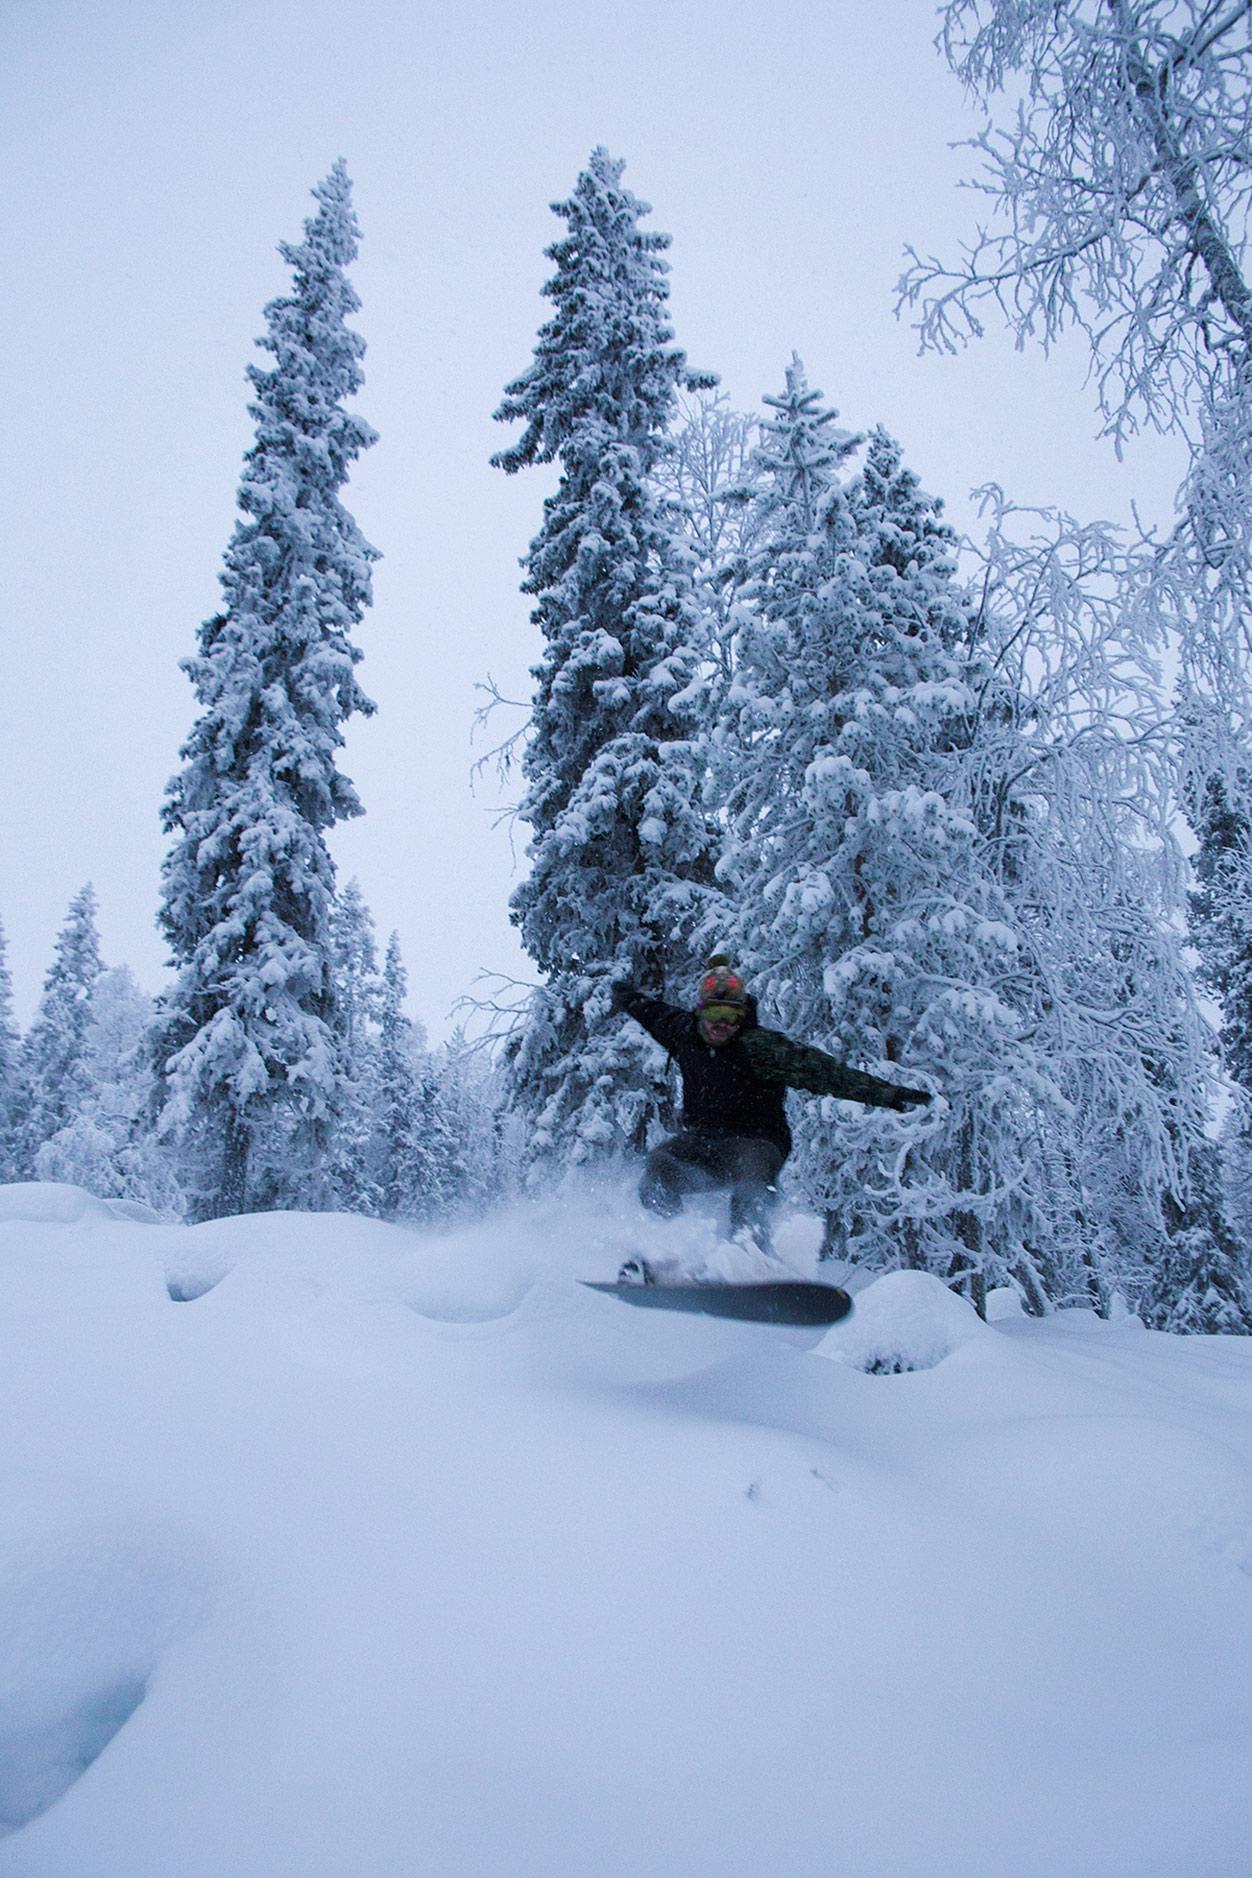 Svansteinin rinteillä on runsaasti suojaisia metsäreittejä, joissa lumi säilyy avotuntureita paremmin pehmeänä.